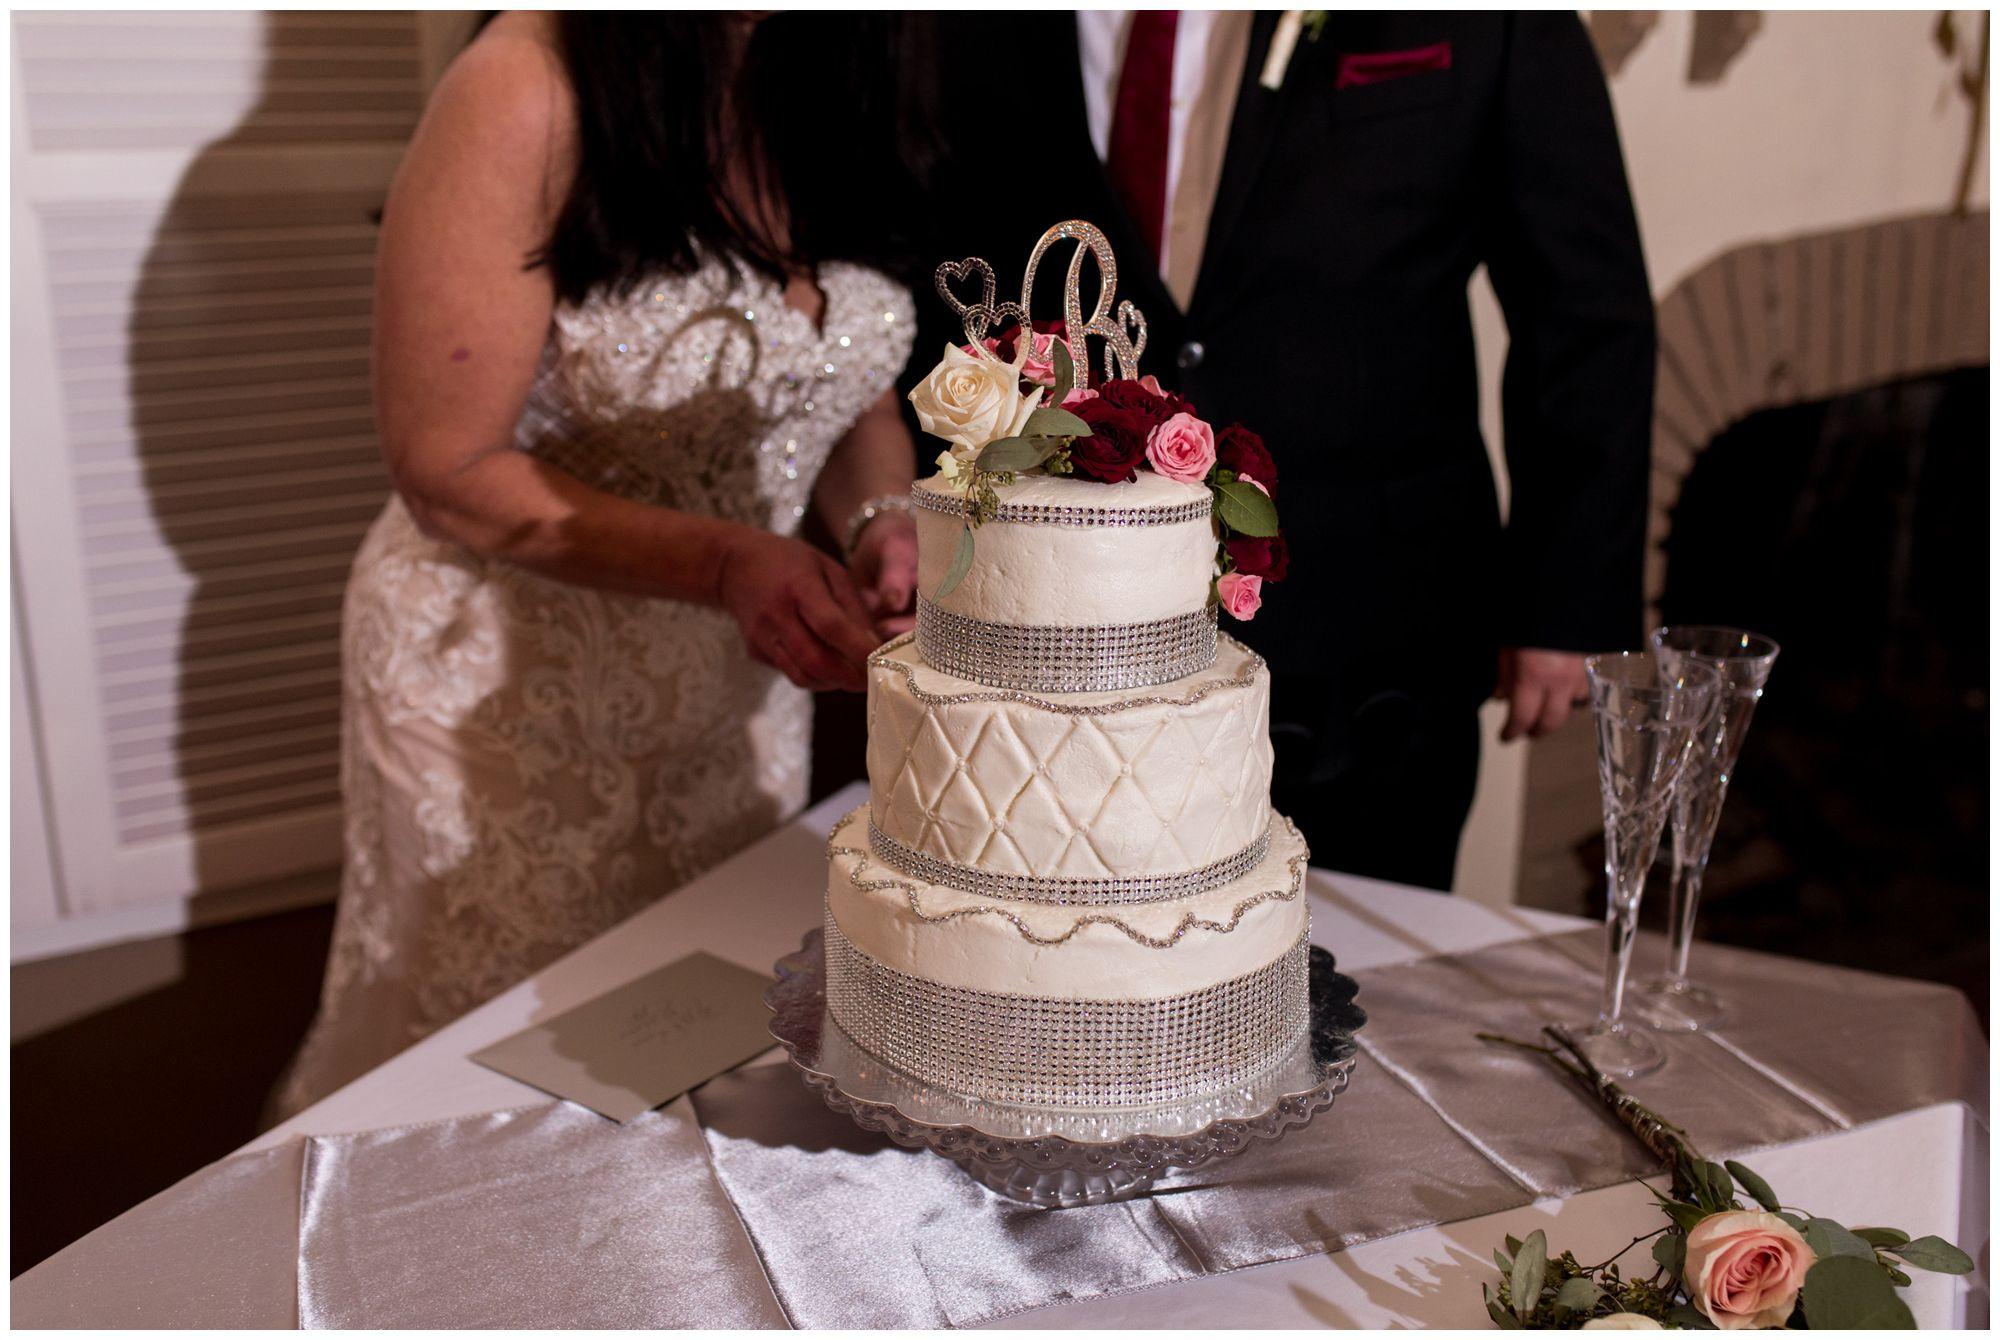 bride and groom cut wedding cake at Portland Golf Club in Portland Indiana